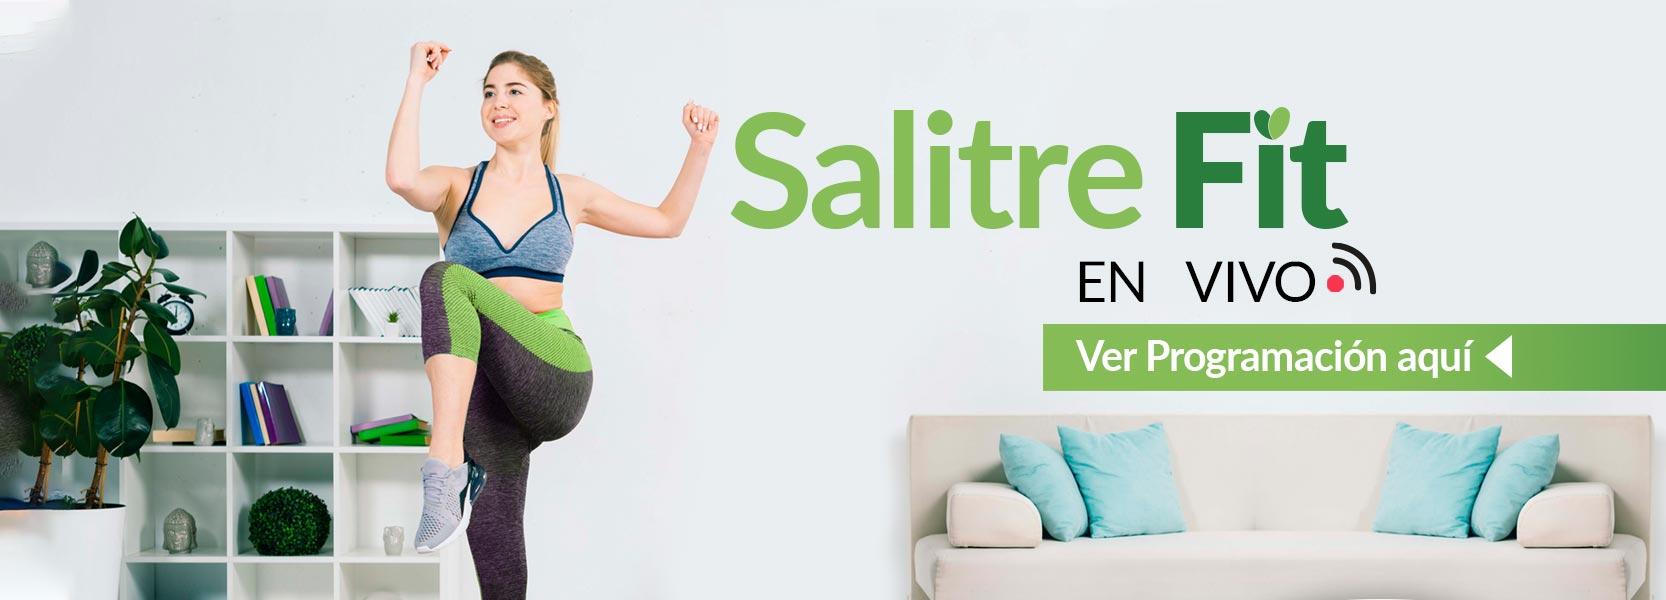 Salitre-Fit-WEB